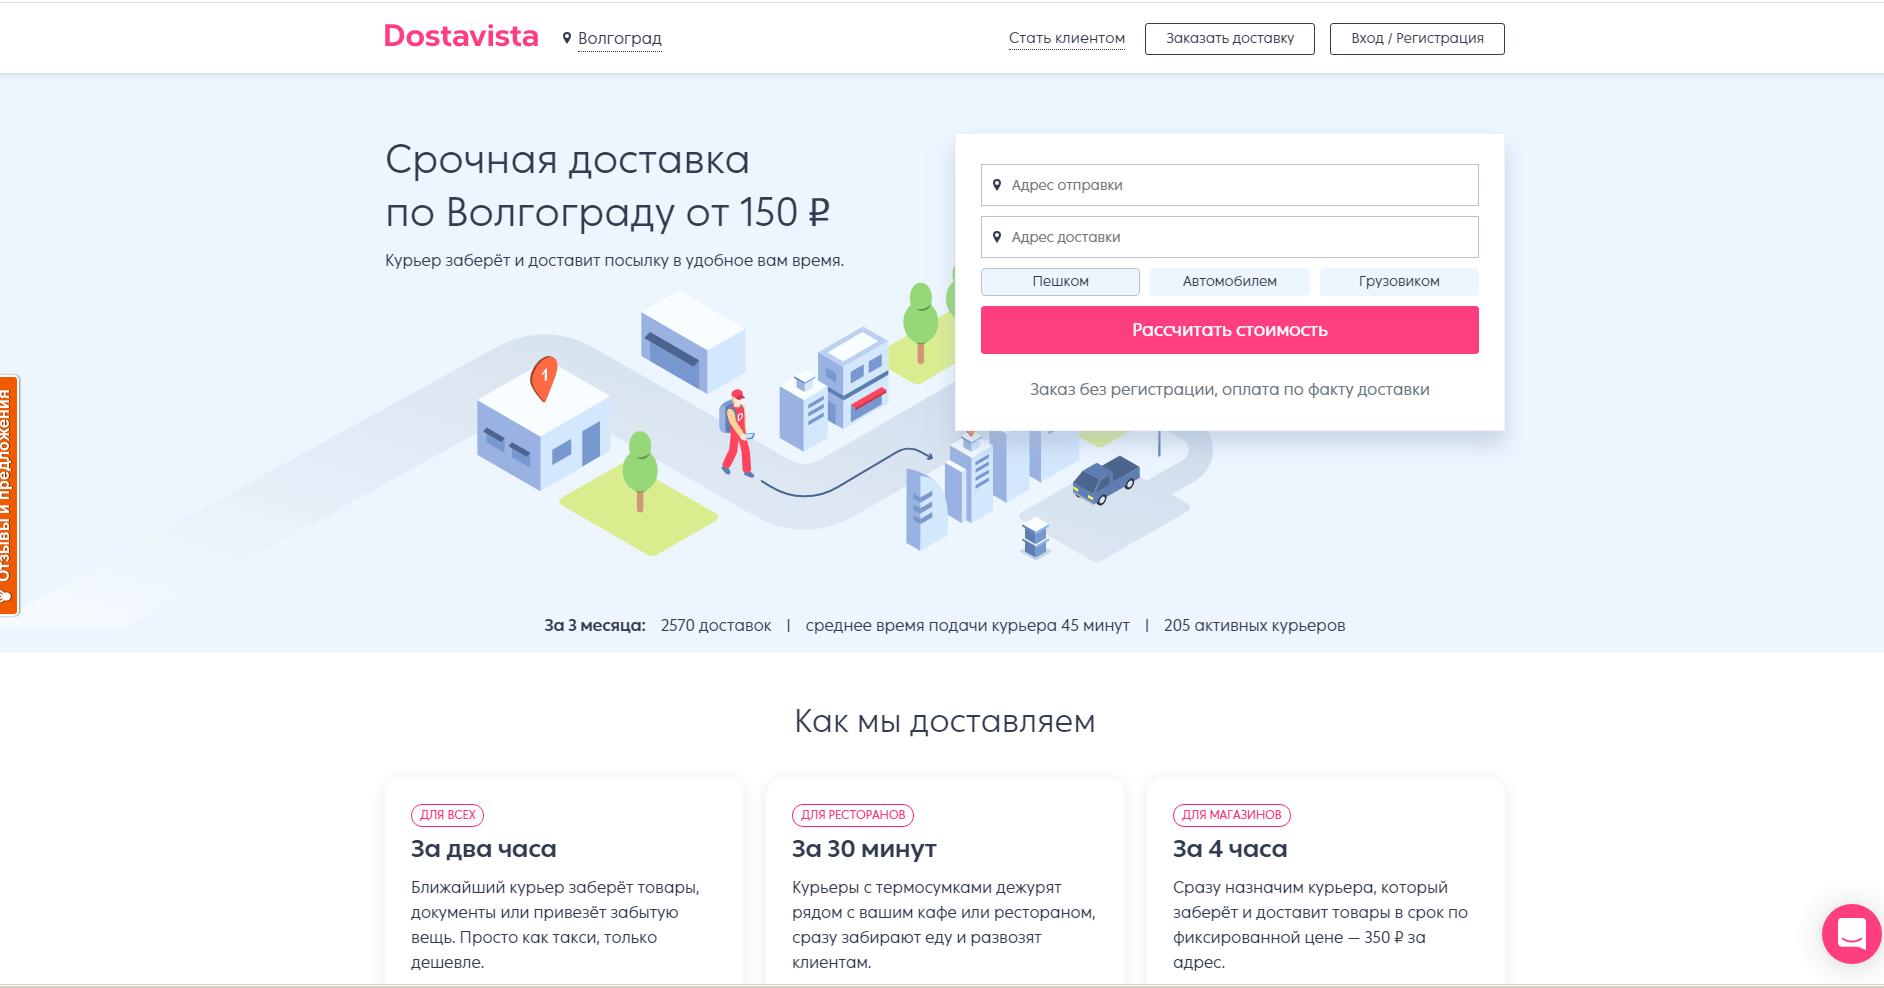 dostavista.ru website